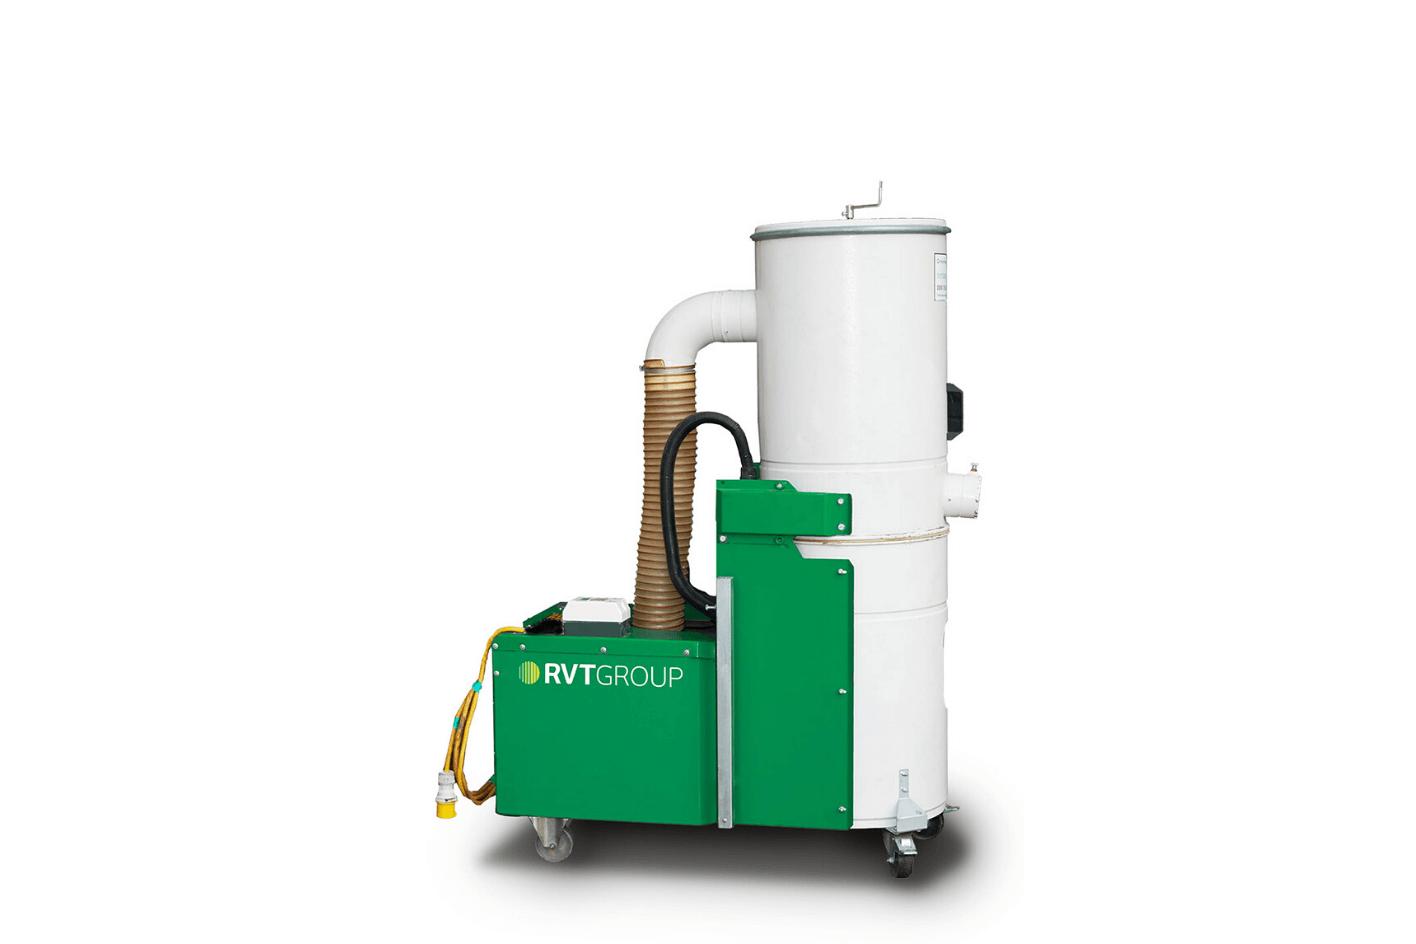 Dustomat 10 Dust Extraction